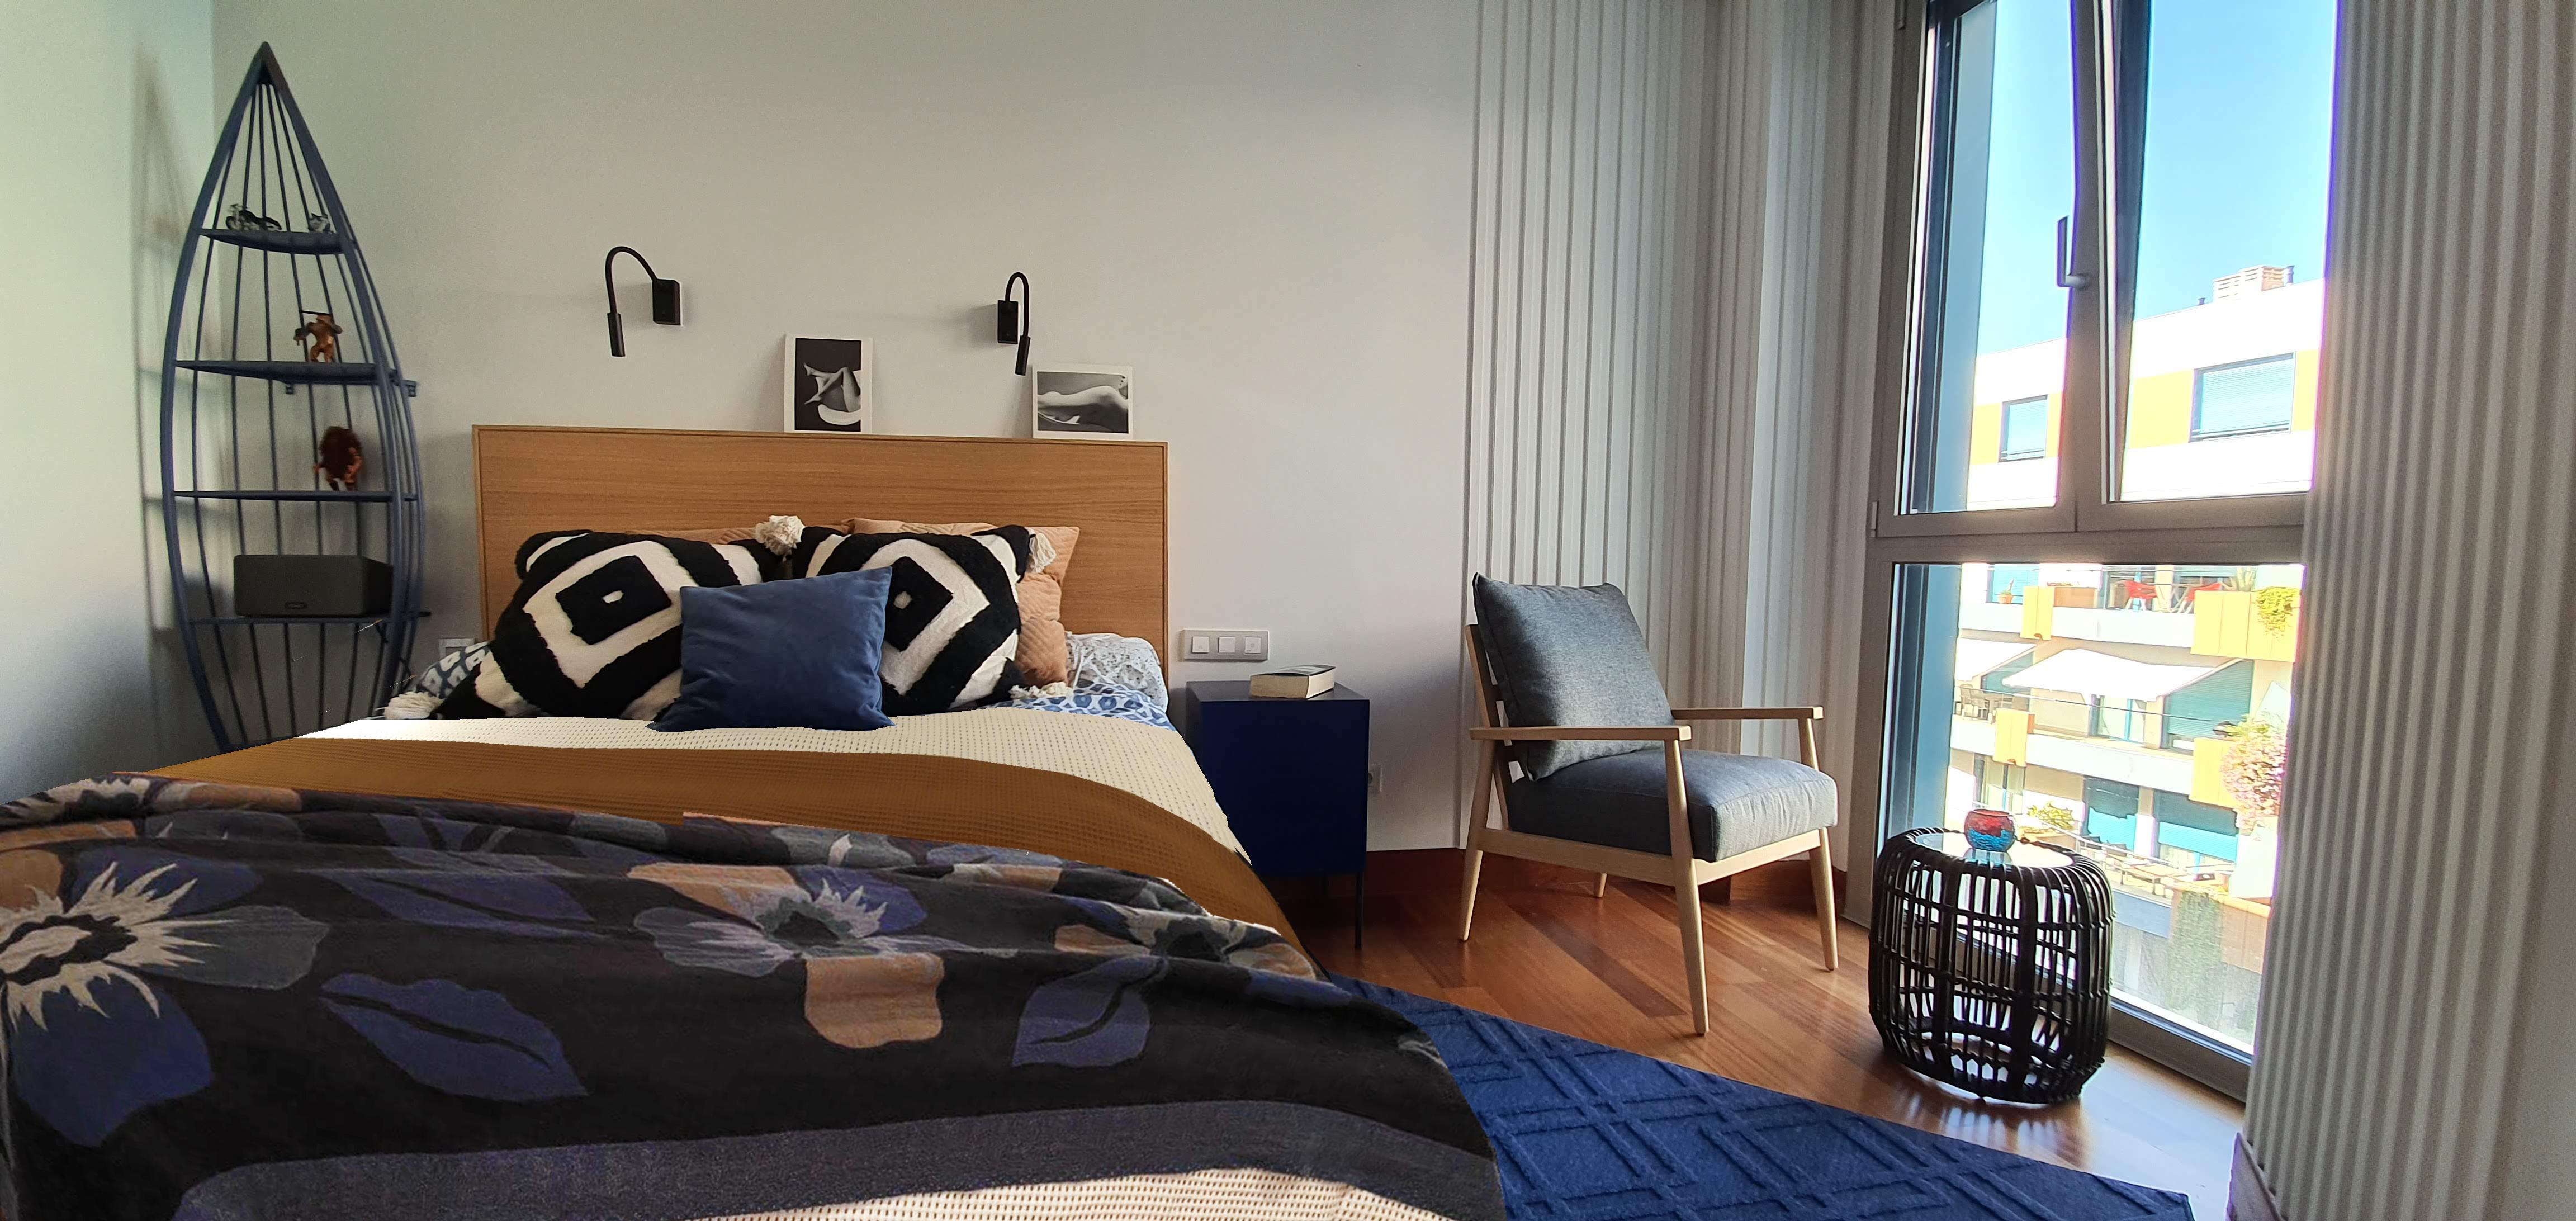 frontal dormitorio embajadores